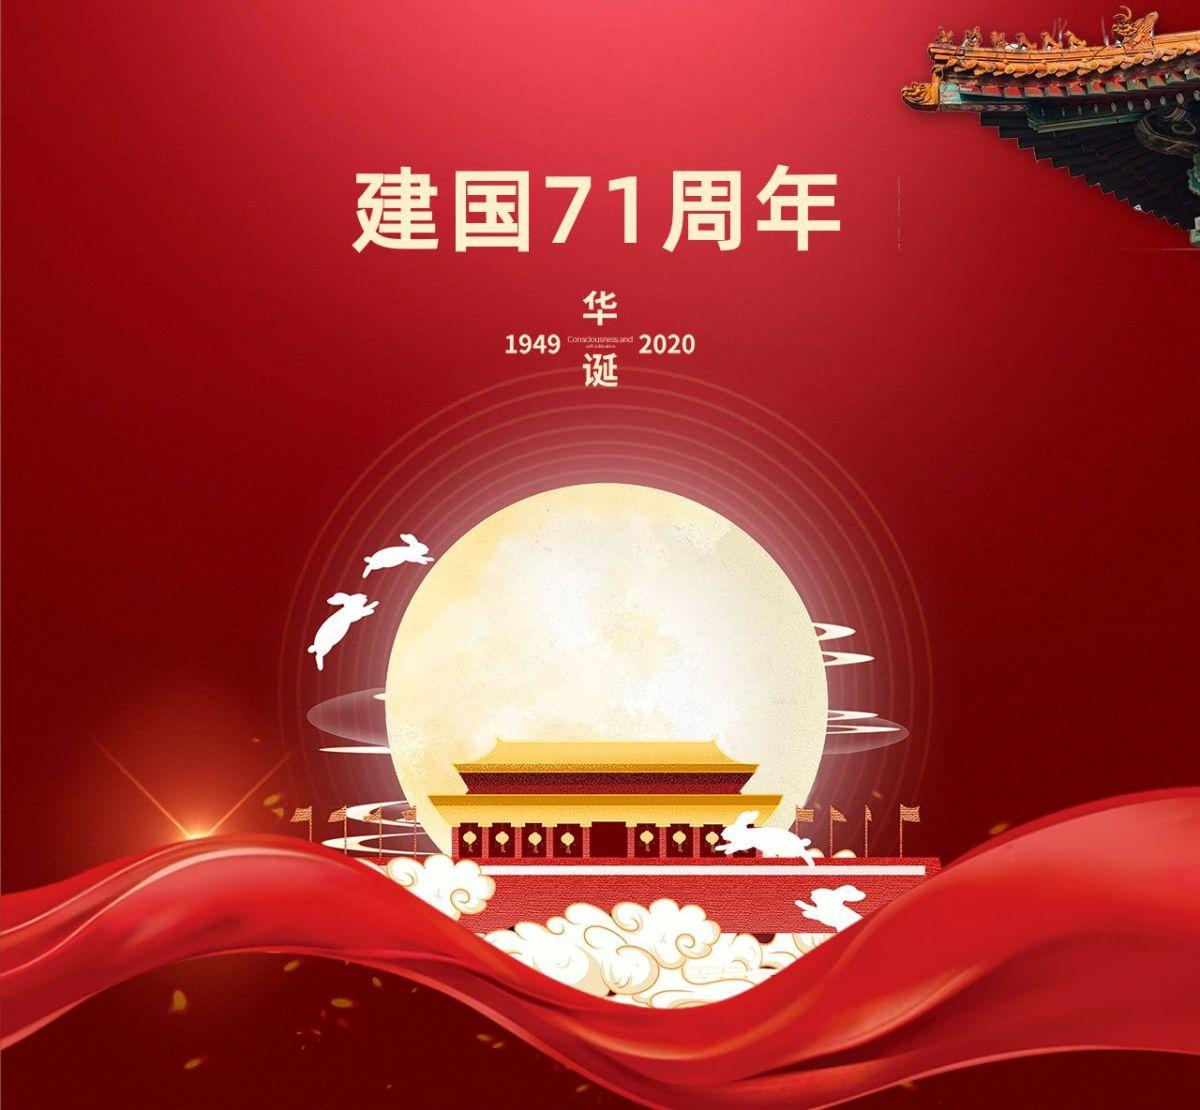 红色简约大气建国71周年华诞朋友圈封面